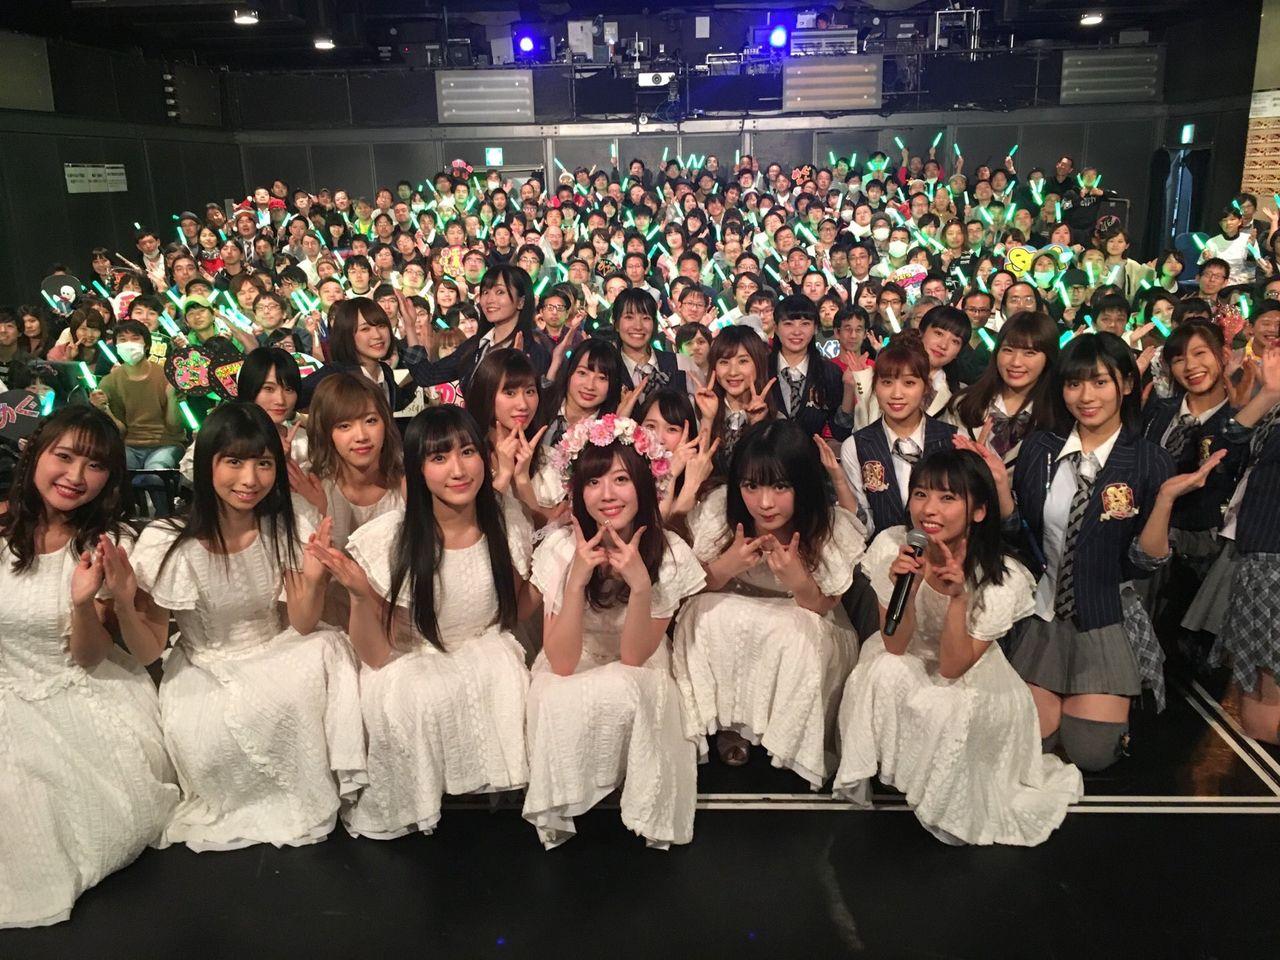 【NMB48】松村芽久未卒業公演、1月から舞台「他にも嬉しい報告が・・・」